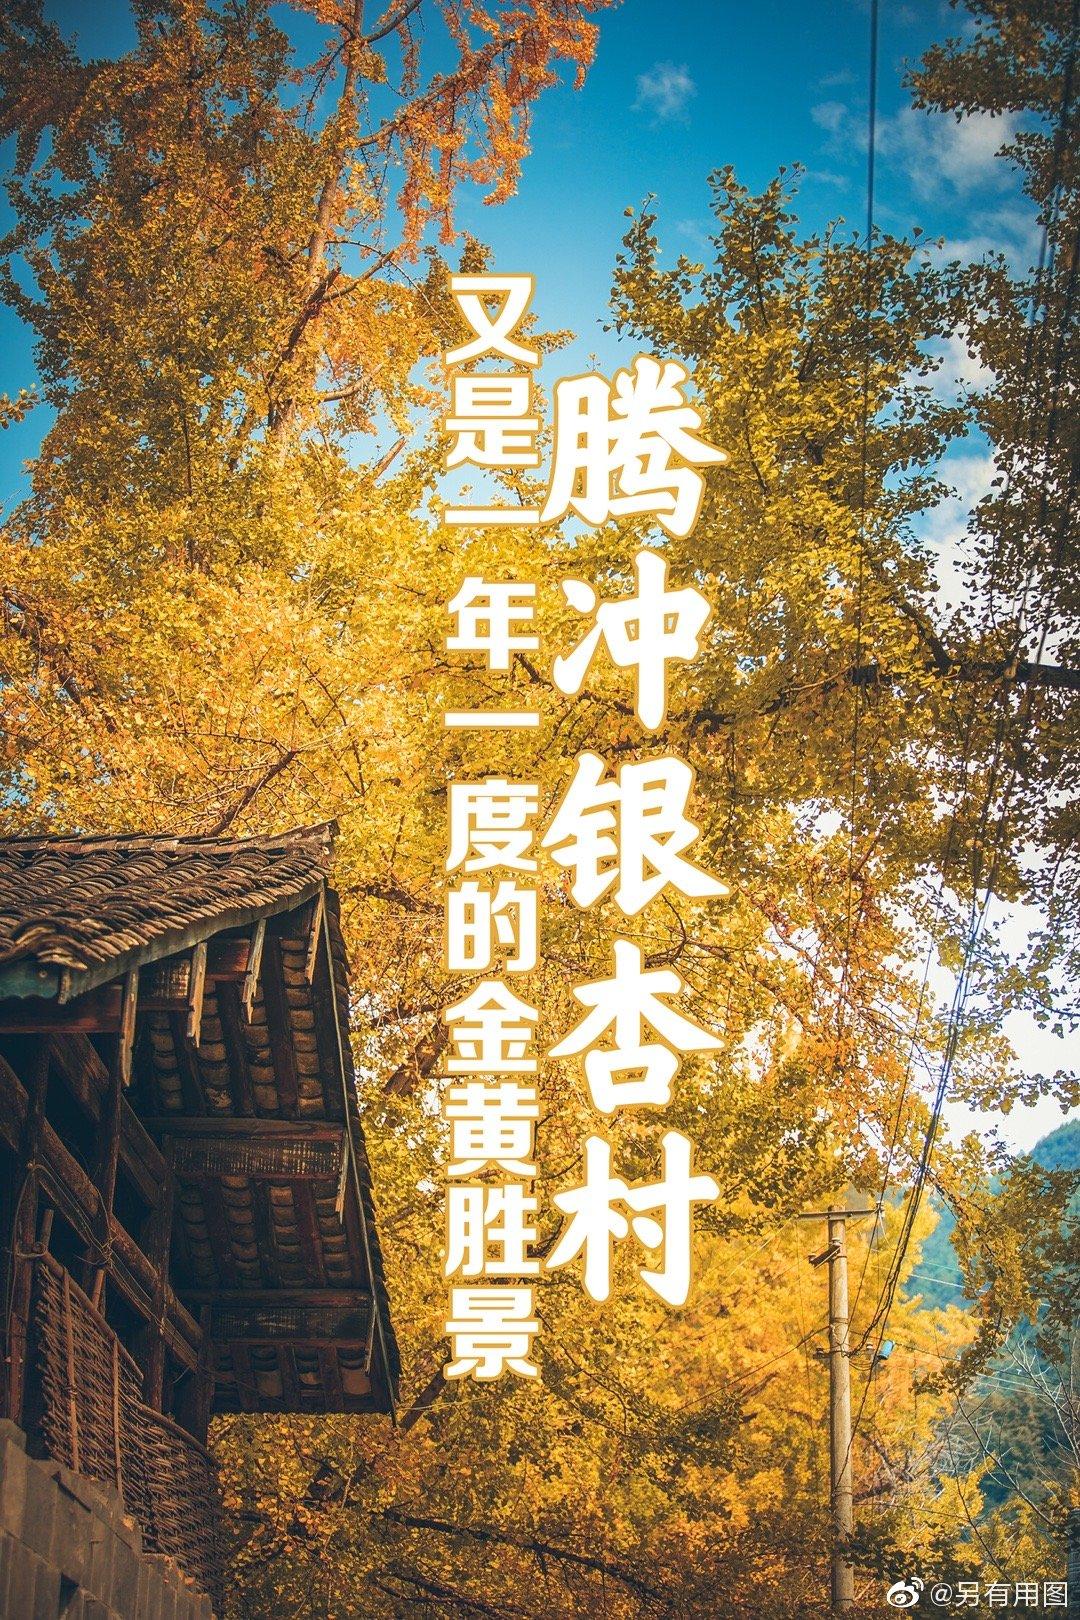 又到了银杏金黄的季节,腾冲的银杏村一片金黄